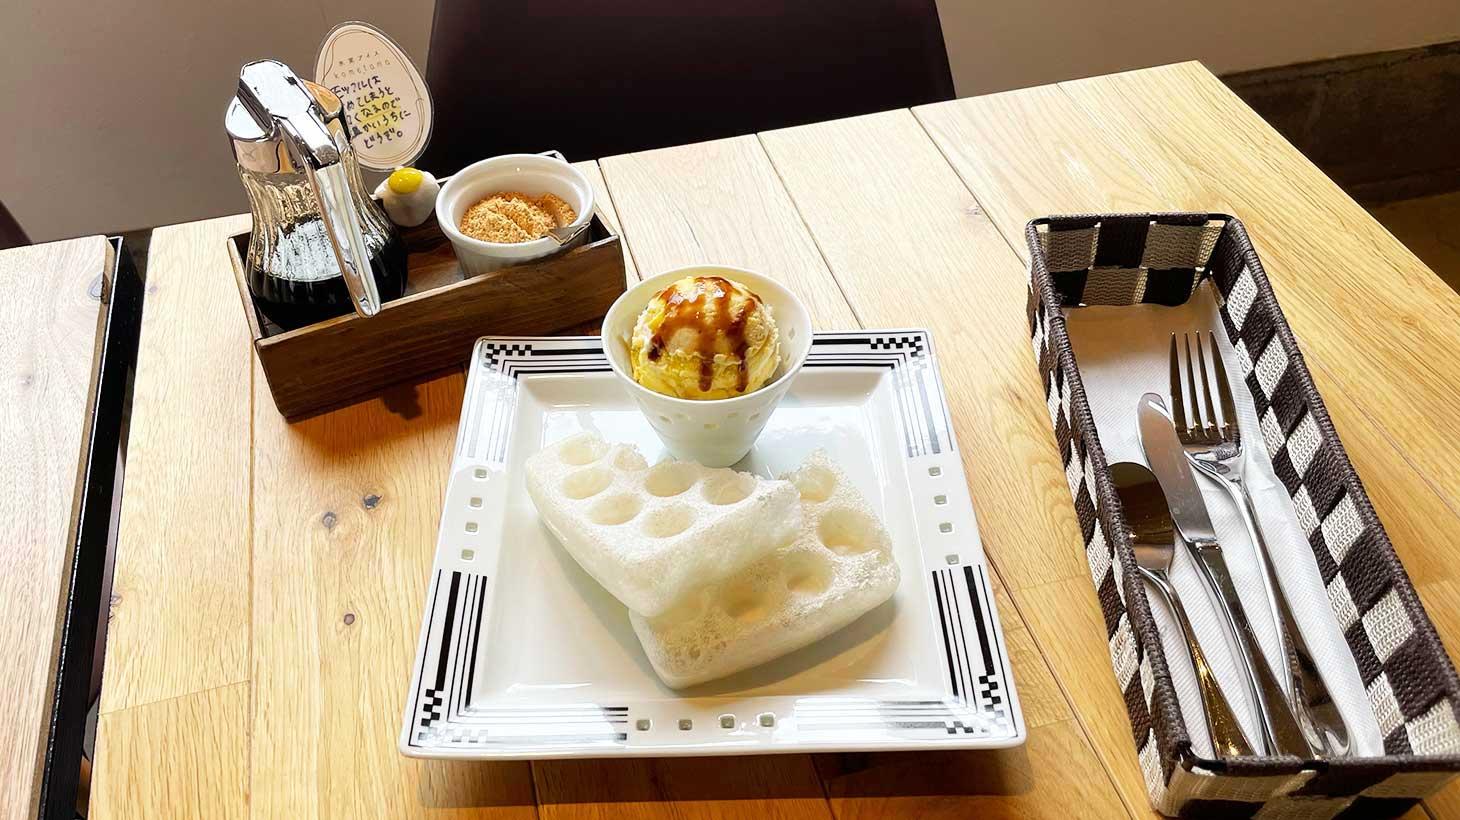 氷窯アイスこめたまのアイスとモッフル